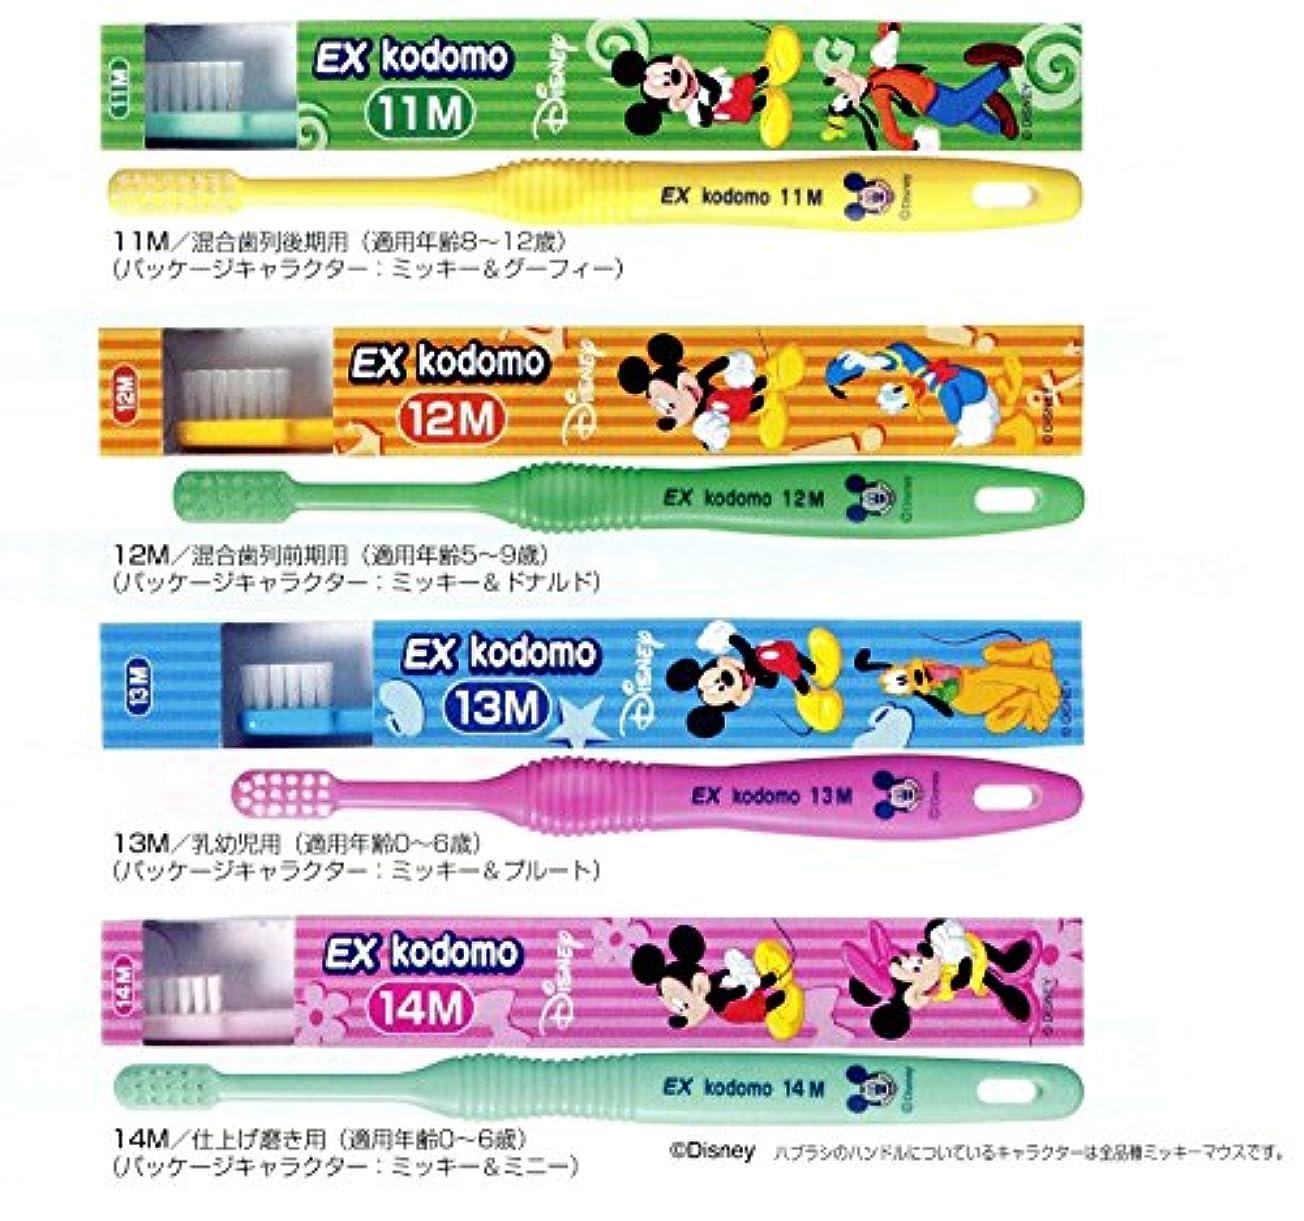 足ファンド排出ライオン コドモ ディズニー DENT.EX kodomo Disney 1本 11M グリーン (8?12歳)